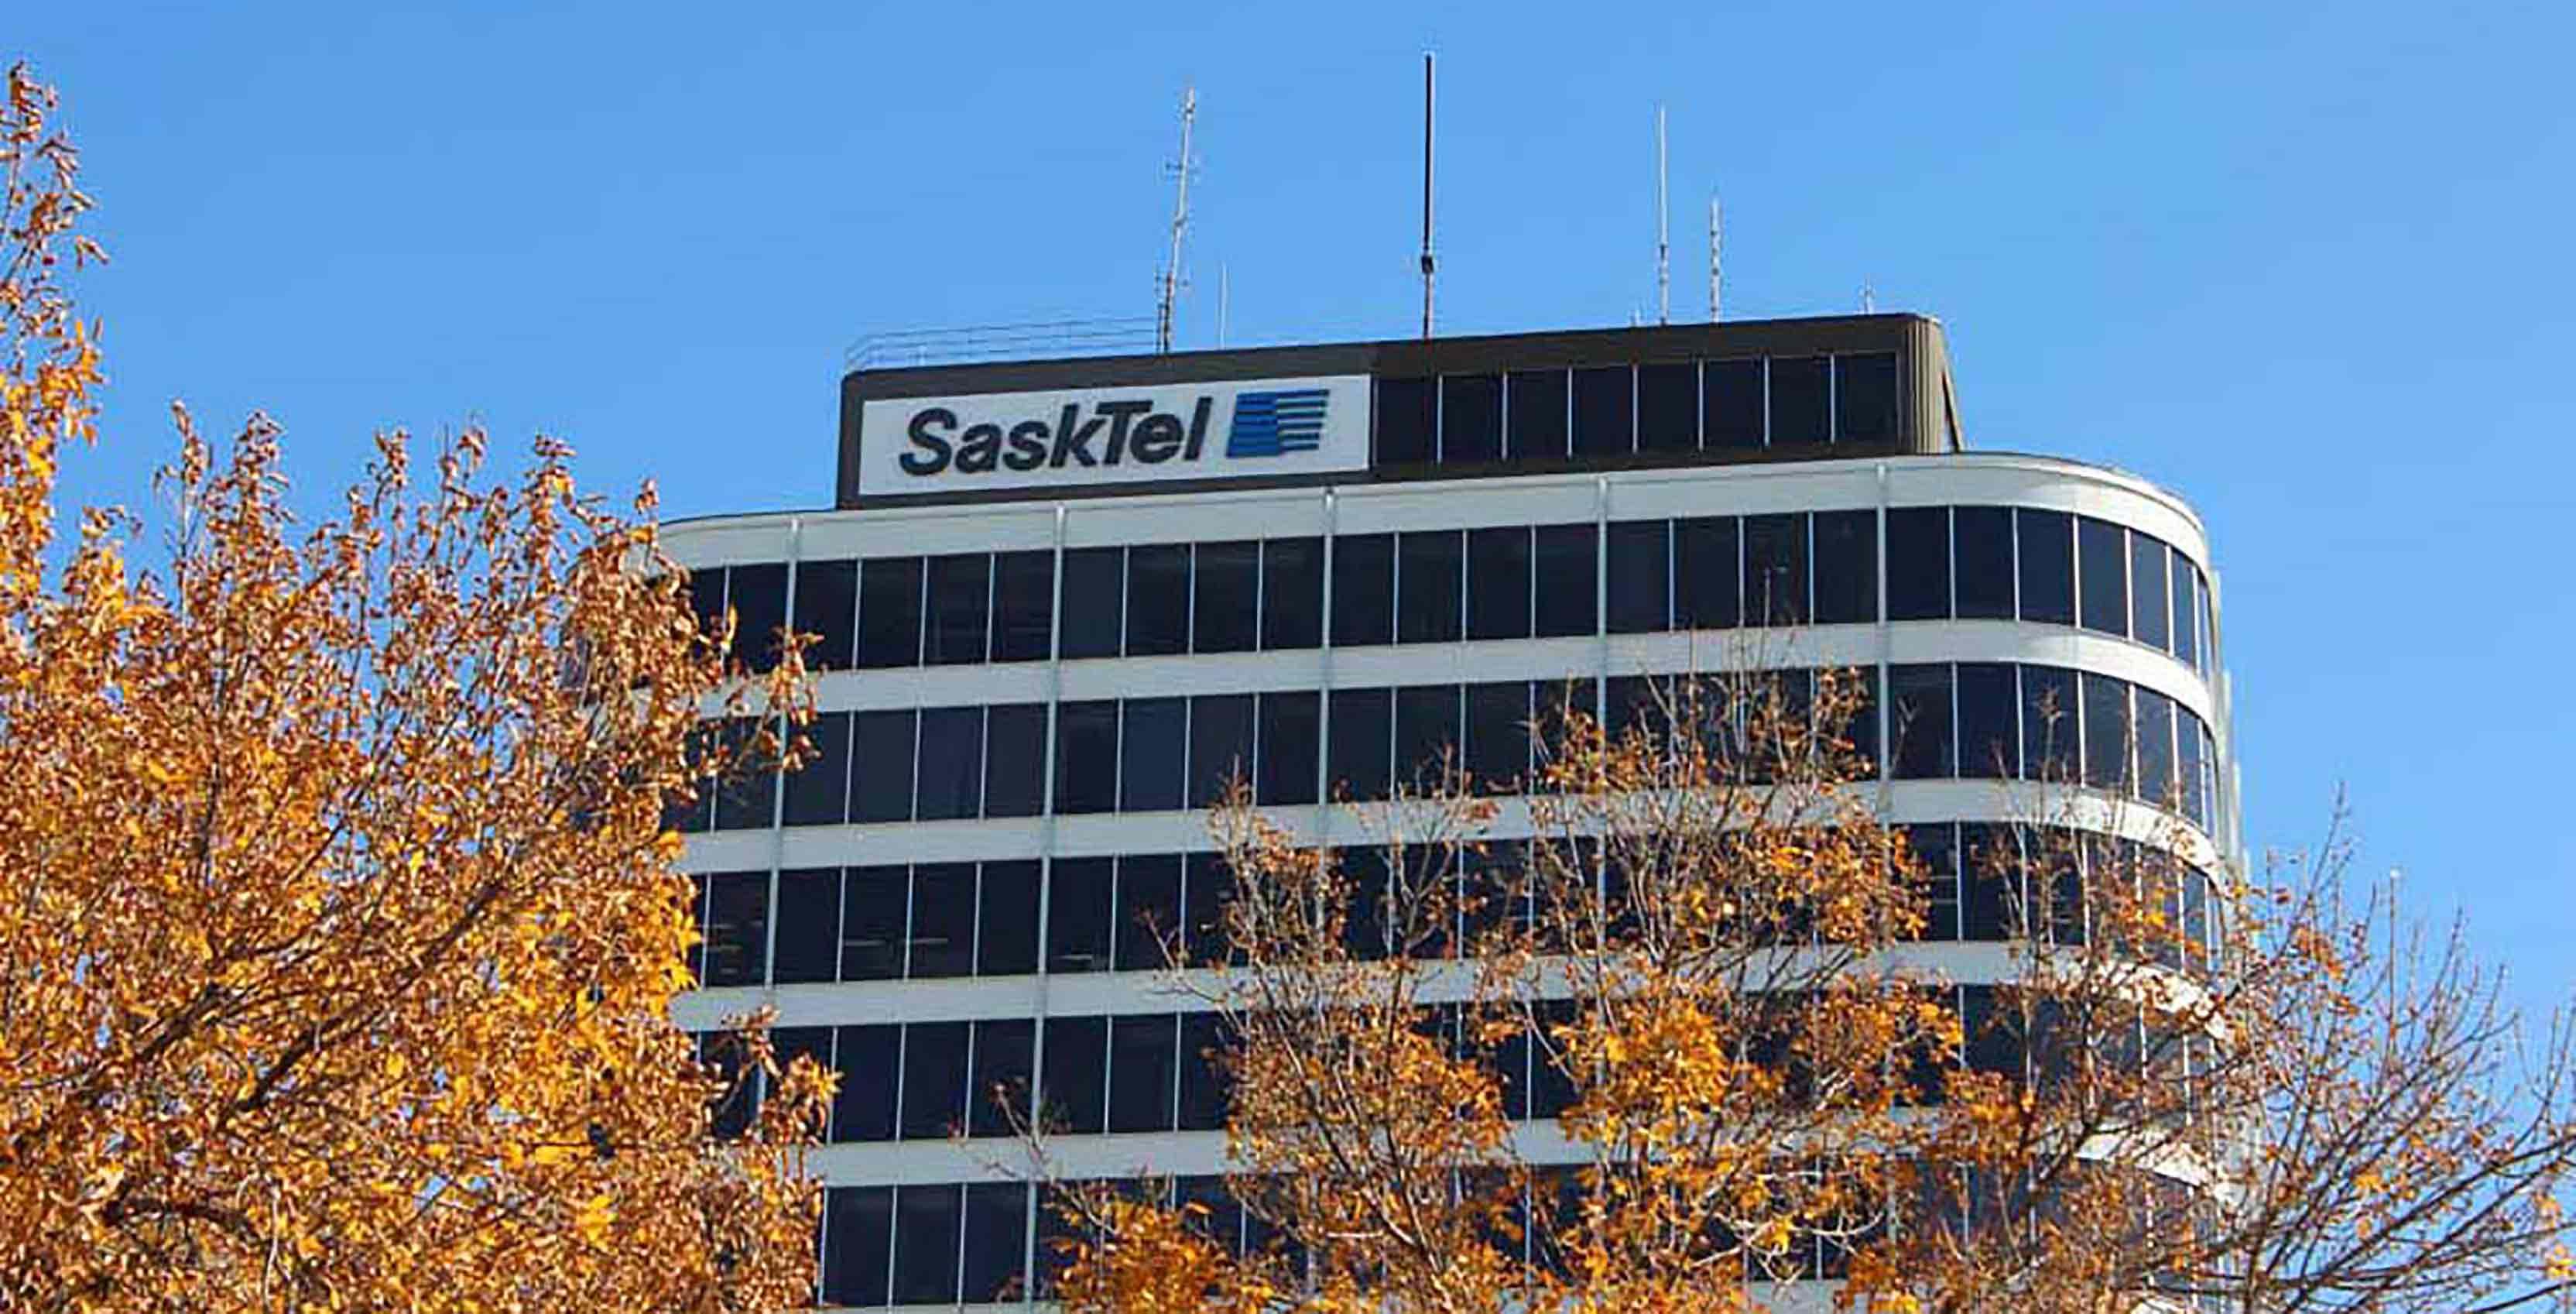 SaskTel HQ in Regina, Saskatchewan